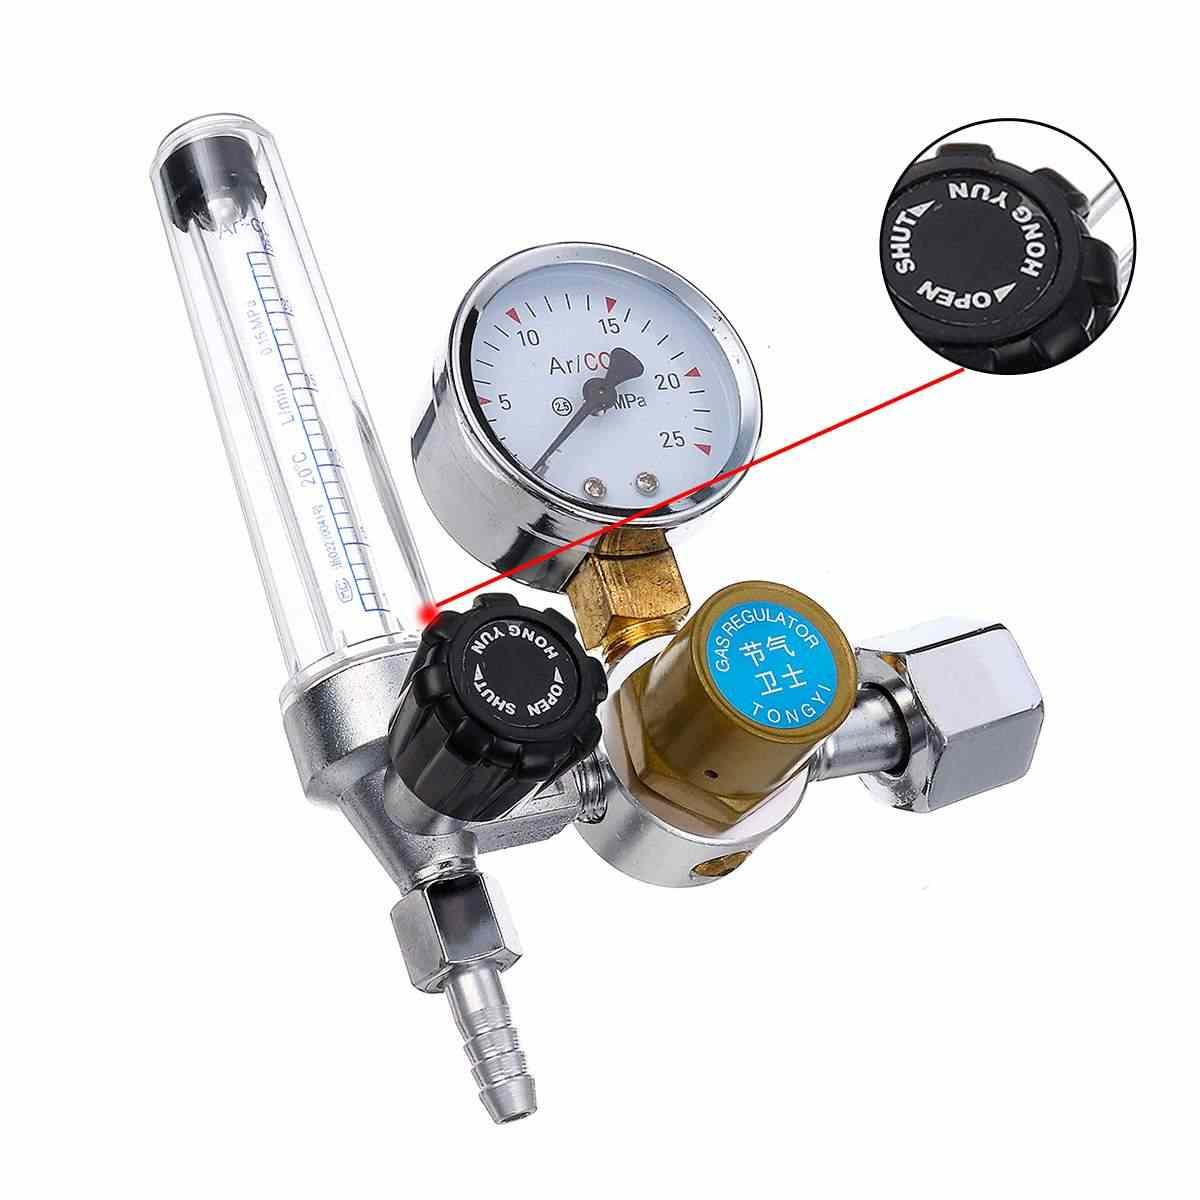 ガス計アルゴン CO2 圧力流量レギュレータ溶接ゲージアルゴンレギュレータ圧力減速